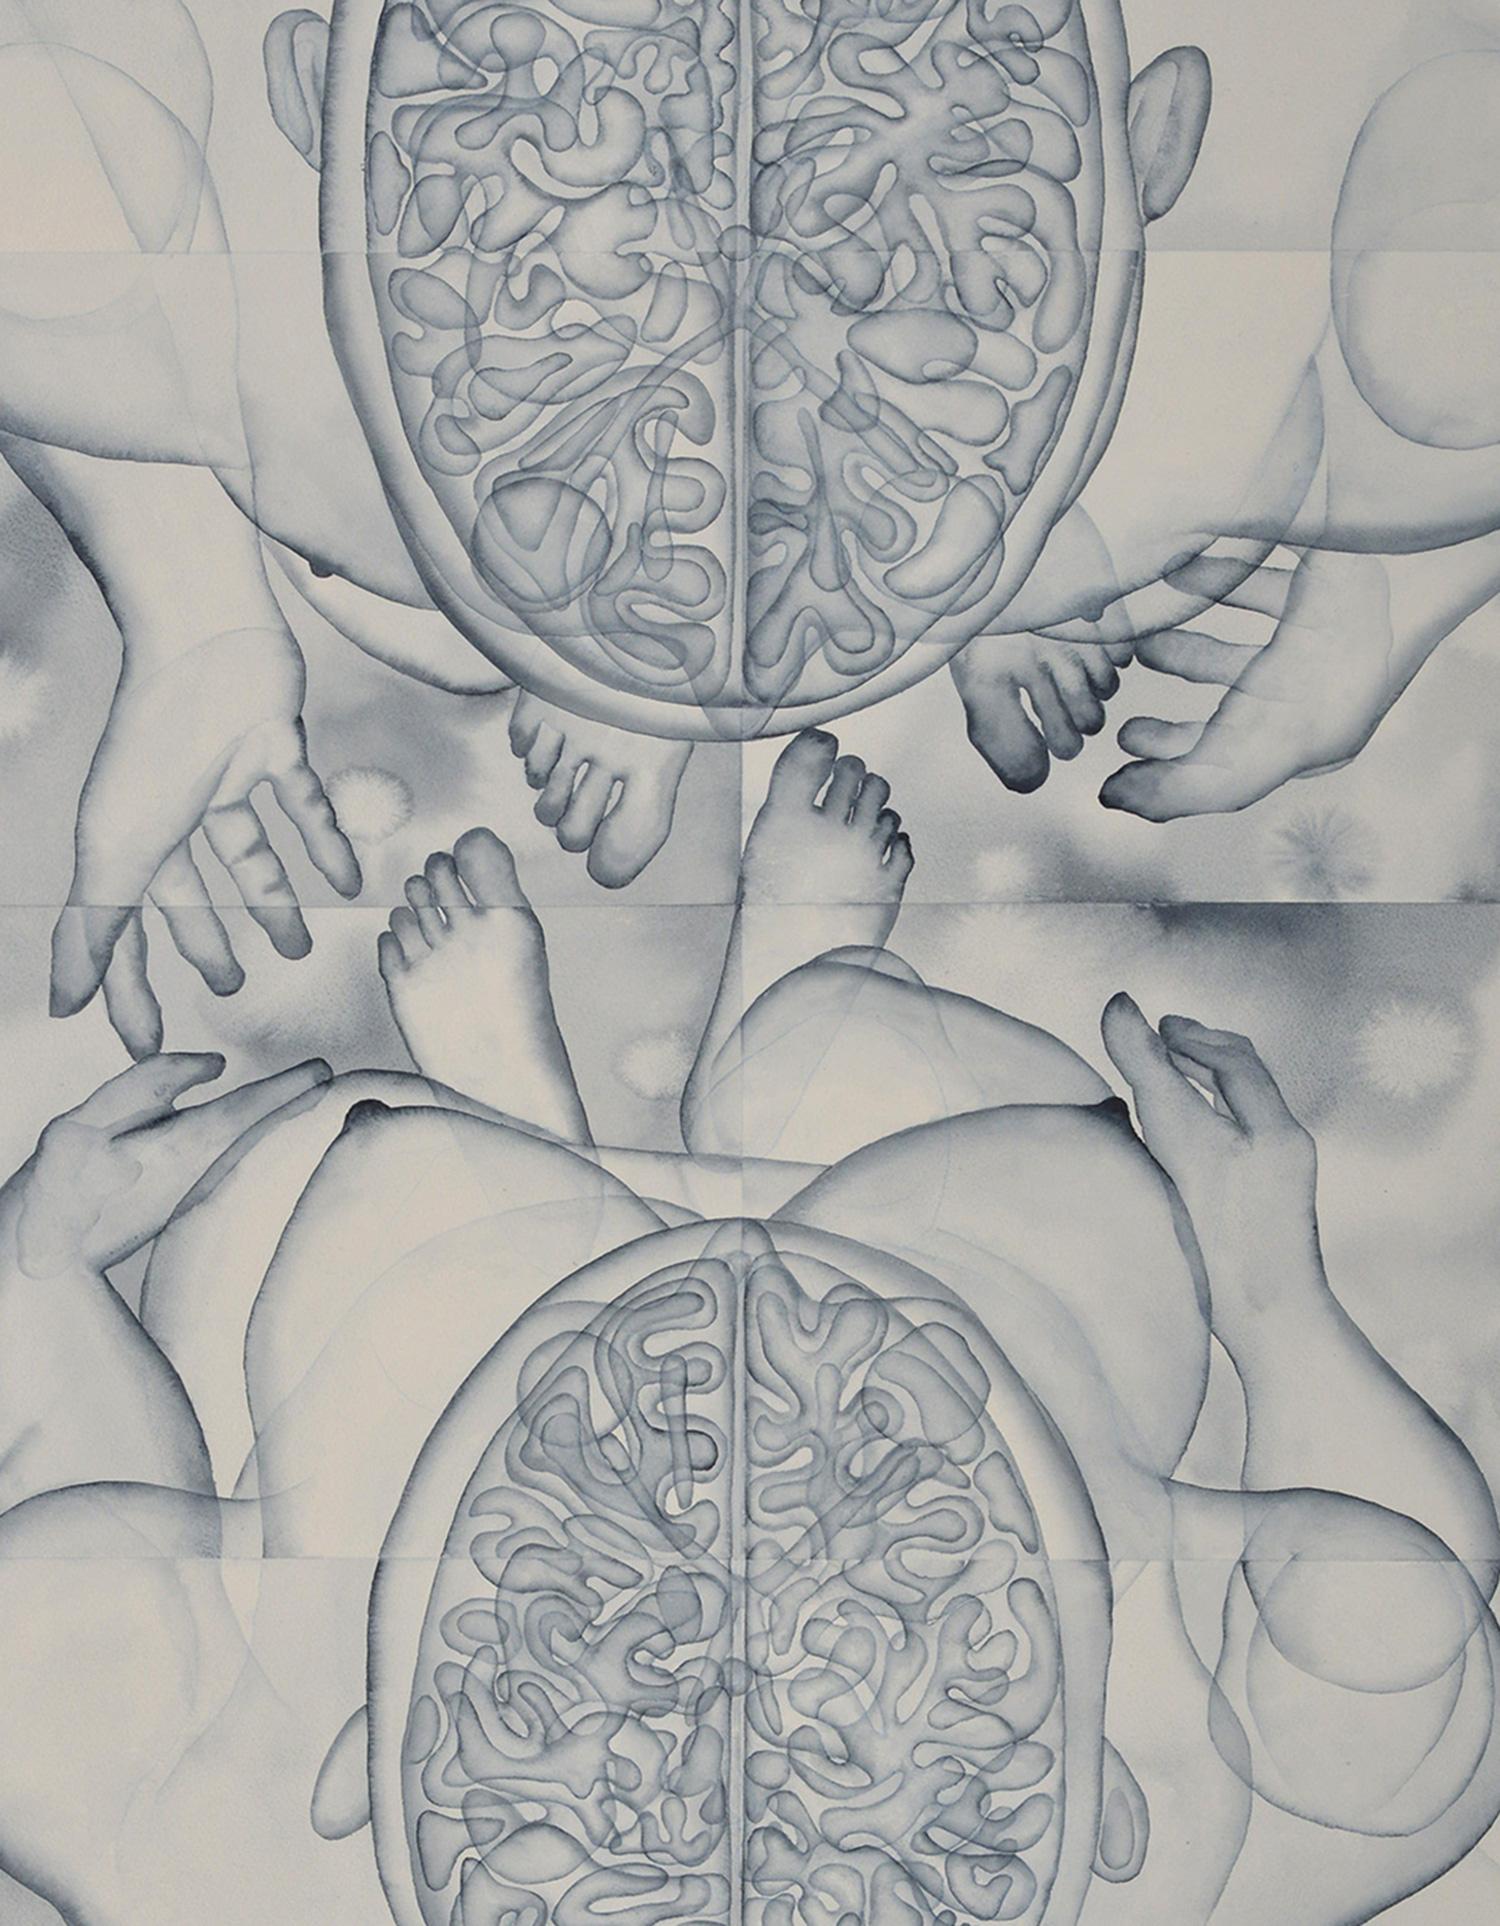 Stefano Bonzano, Fisiognomica sentimentale, acquerello su carta applicato su due pannelli, 84,5x112 cm, 2019 (dettaglio).